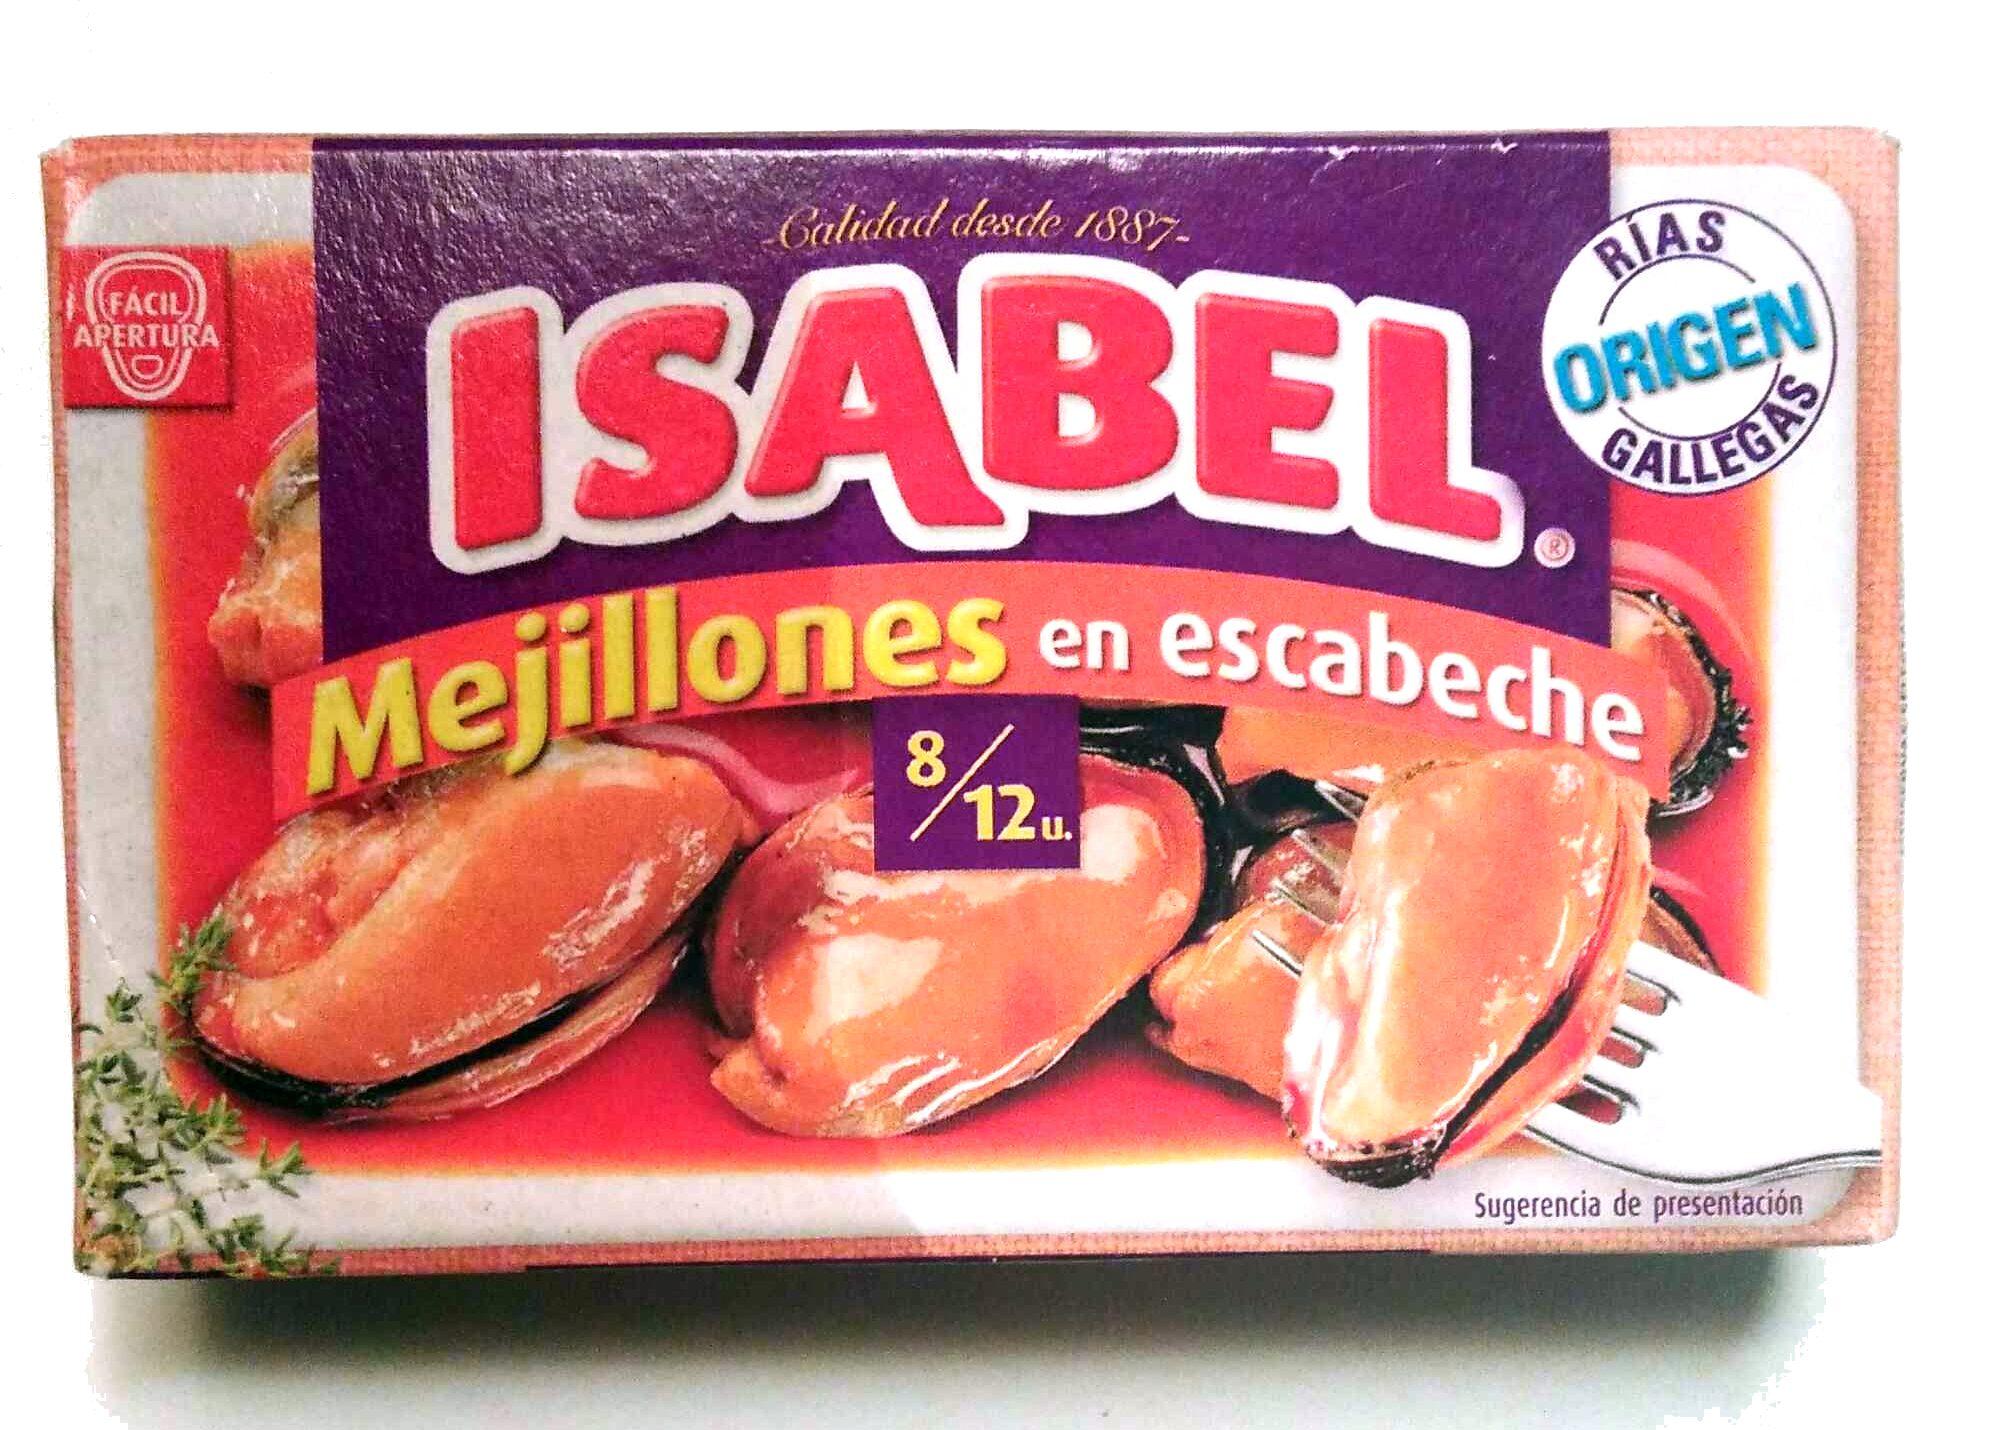 Mejillones en escabeche - Product - es